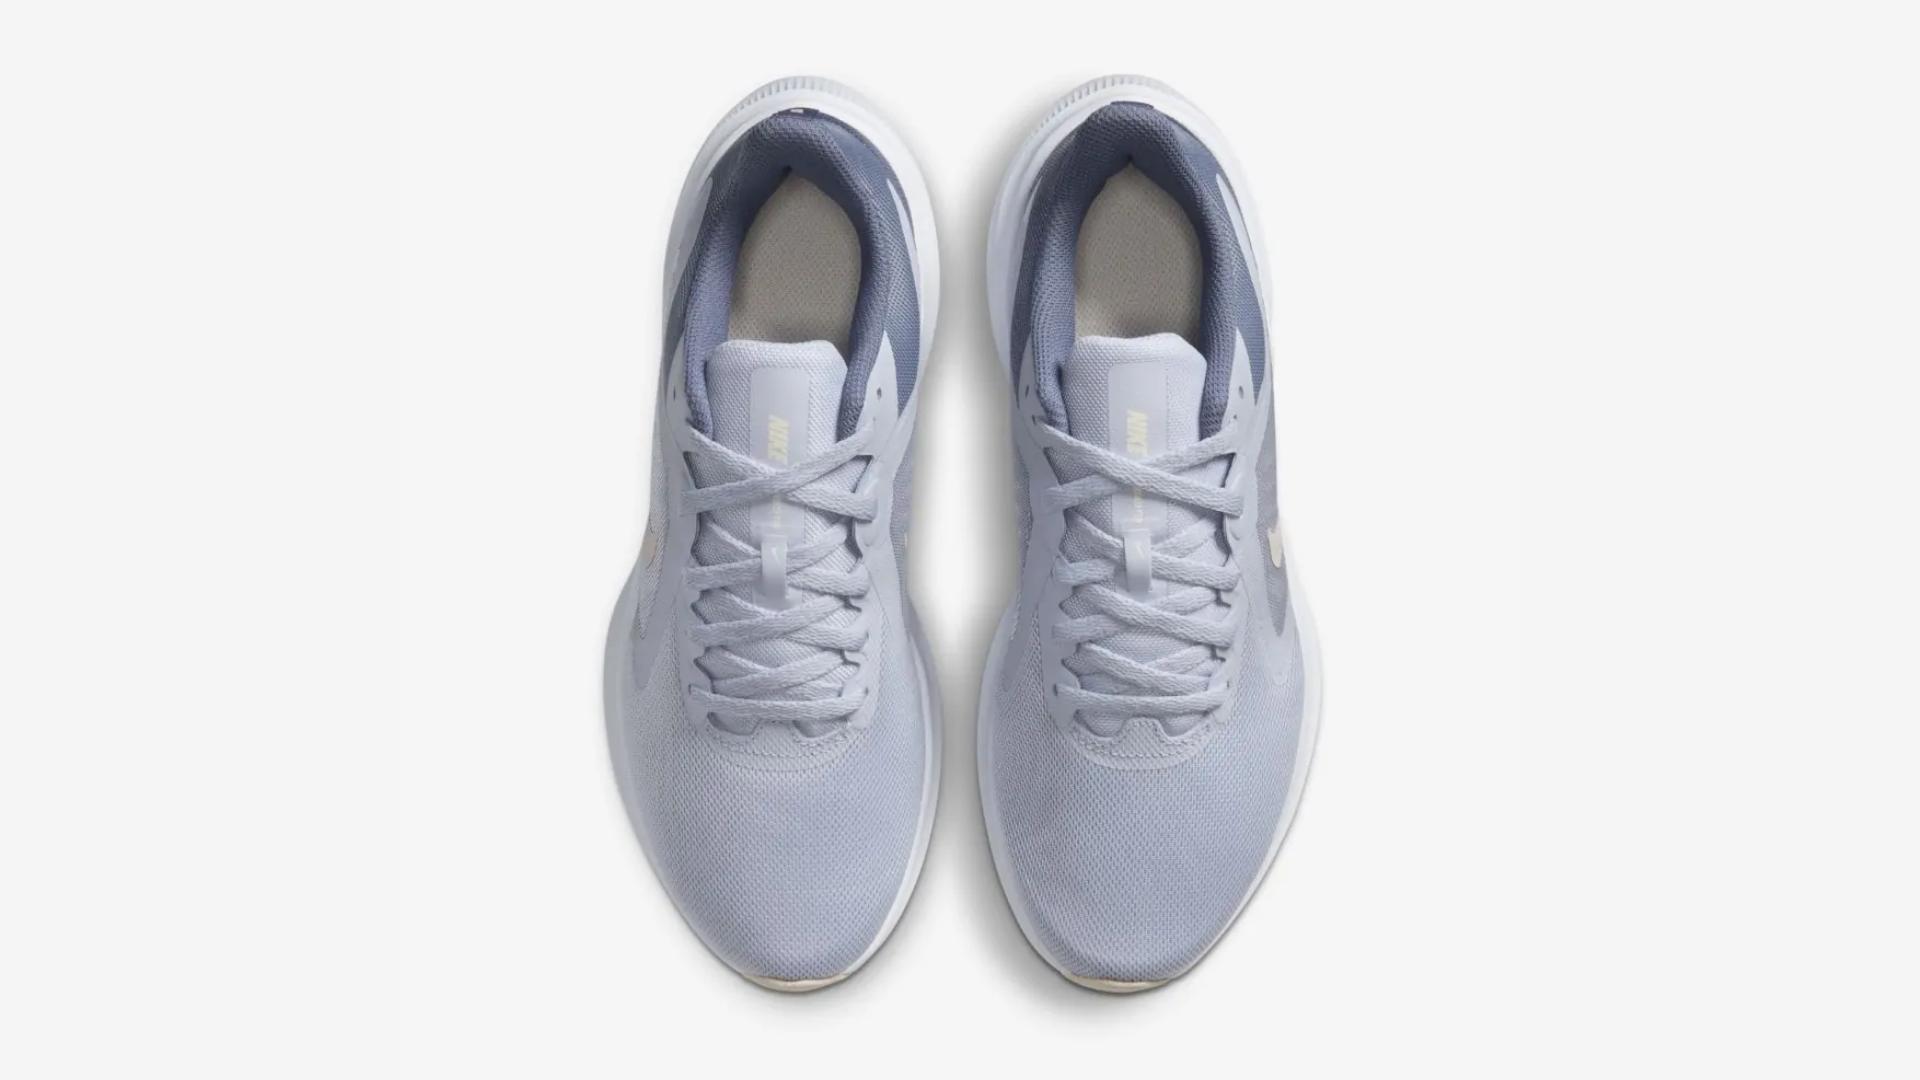 O Nike Downsfhiter 10 conta com um design moderno e minimalista (Imagem: Divulgação/Nike)